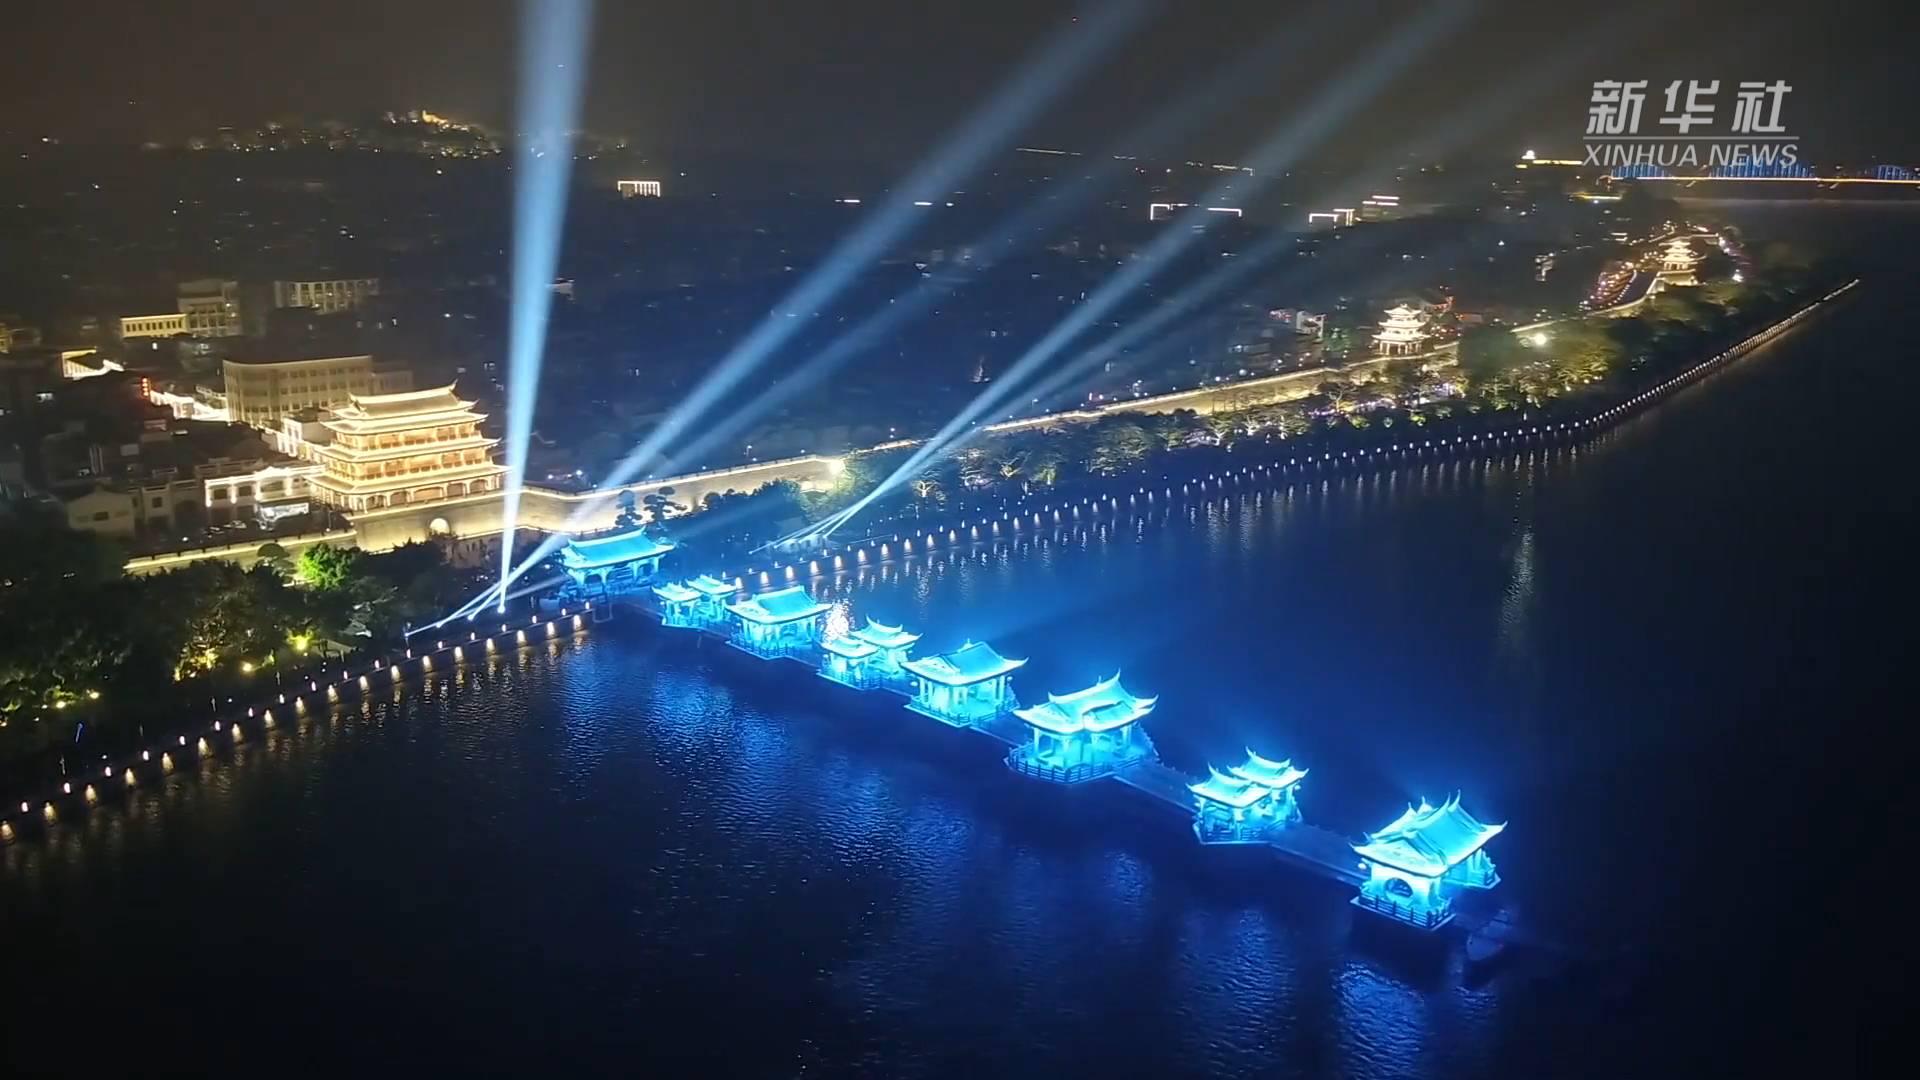 广东潮州:流光溢彩广济桥